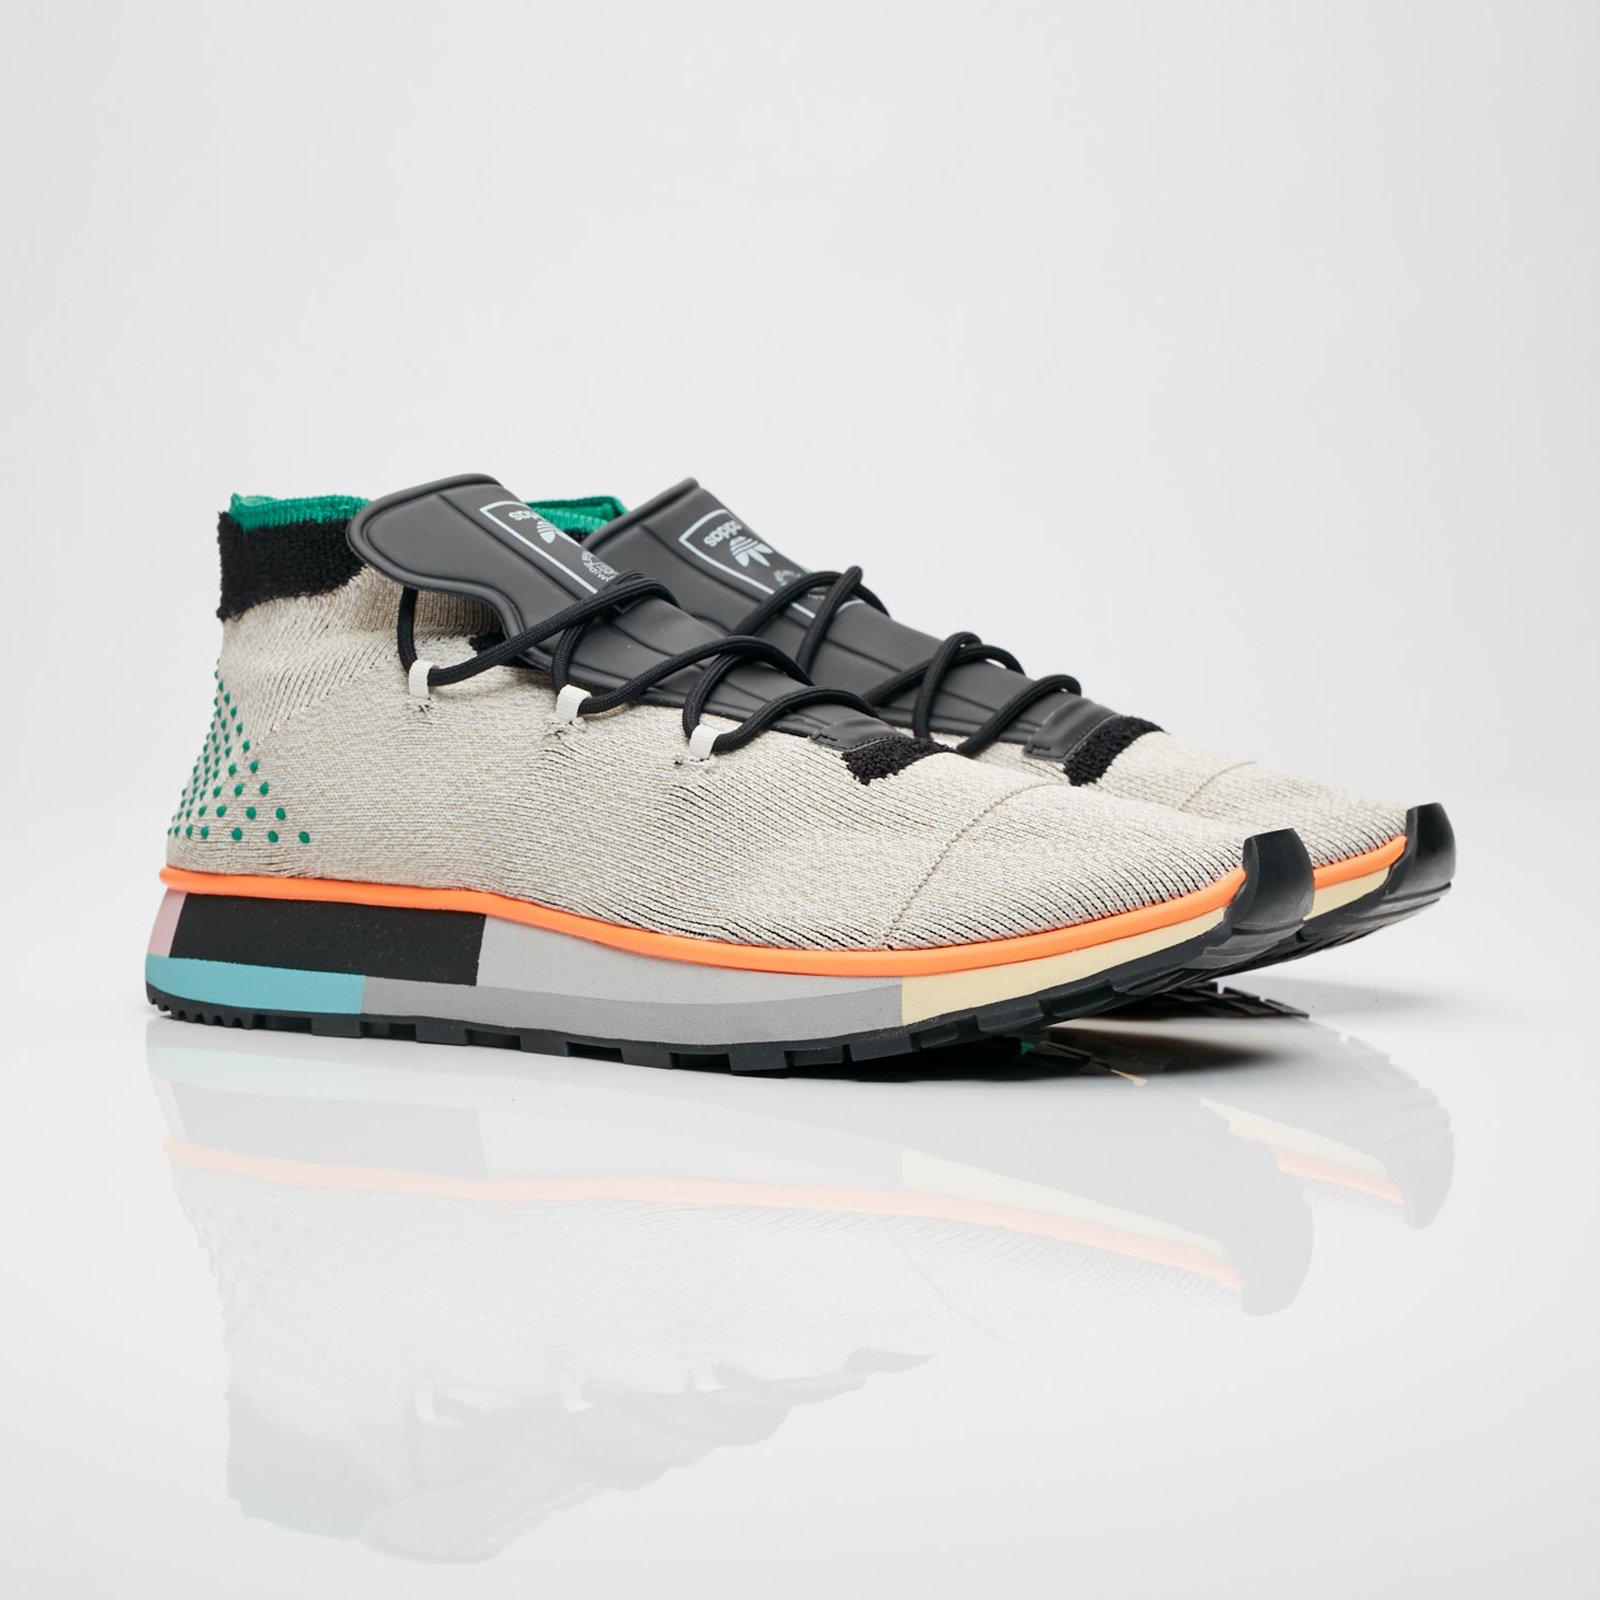 new style ac807 08b12 Zapatillas, Botas, Calzado Hombre, Baloncesto, Calzas, Hombres, Ponerse,  Moda